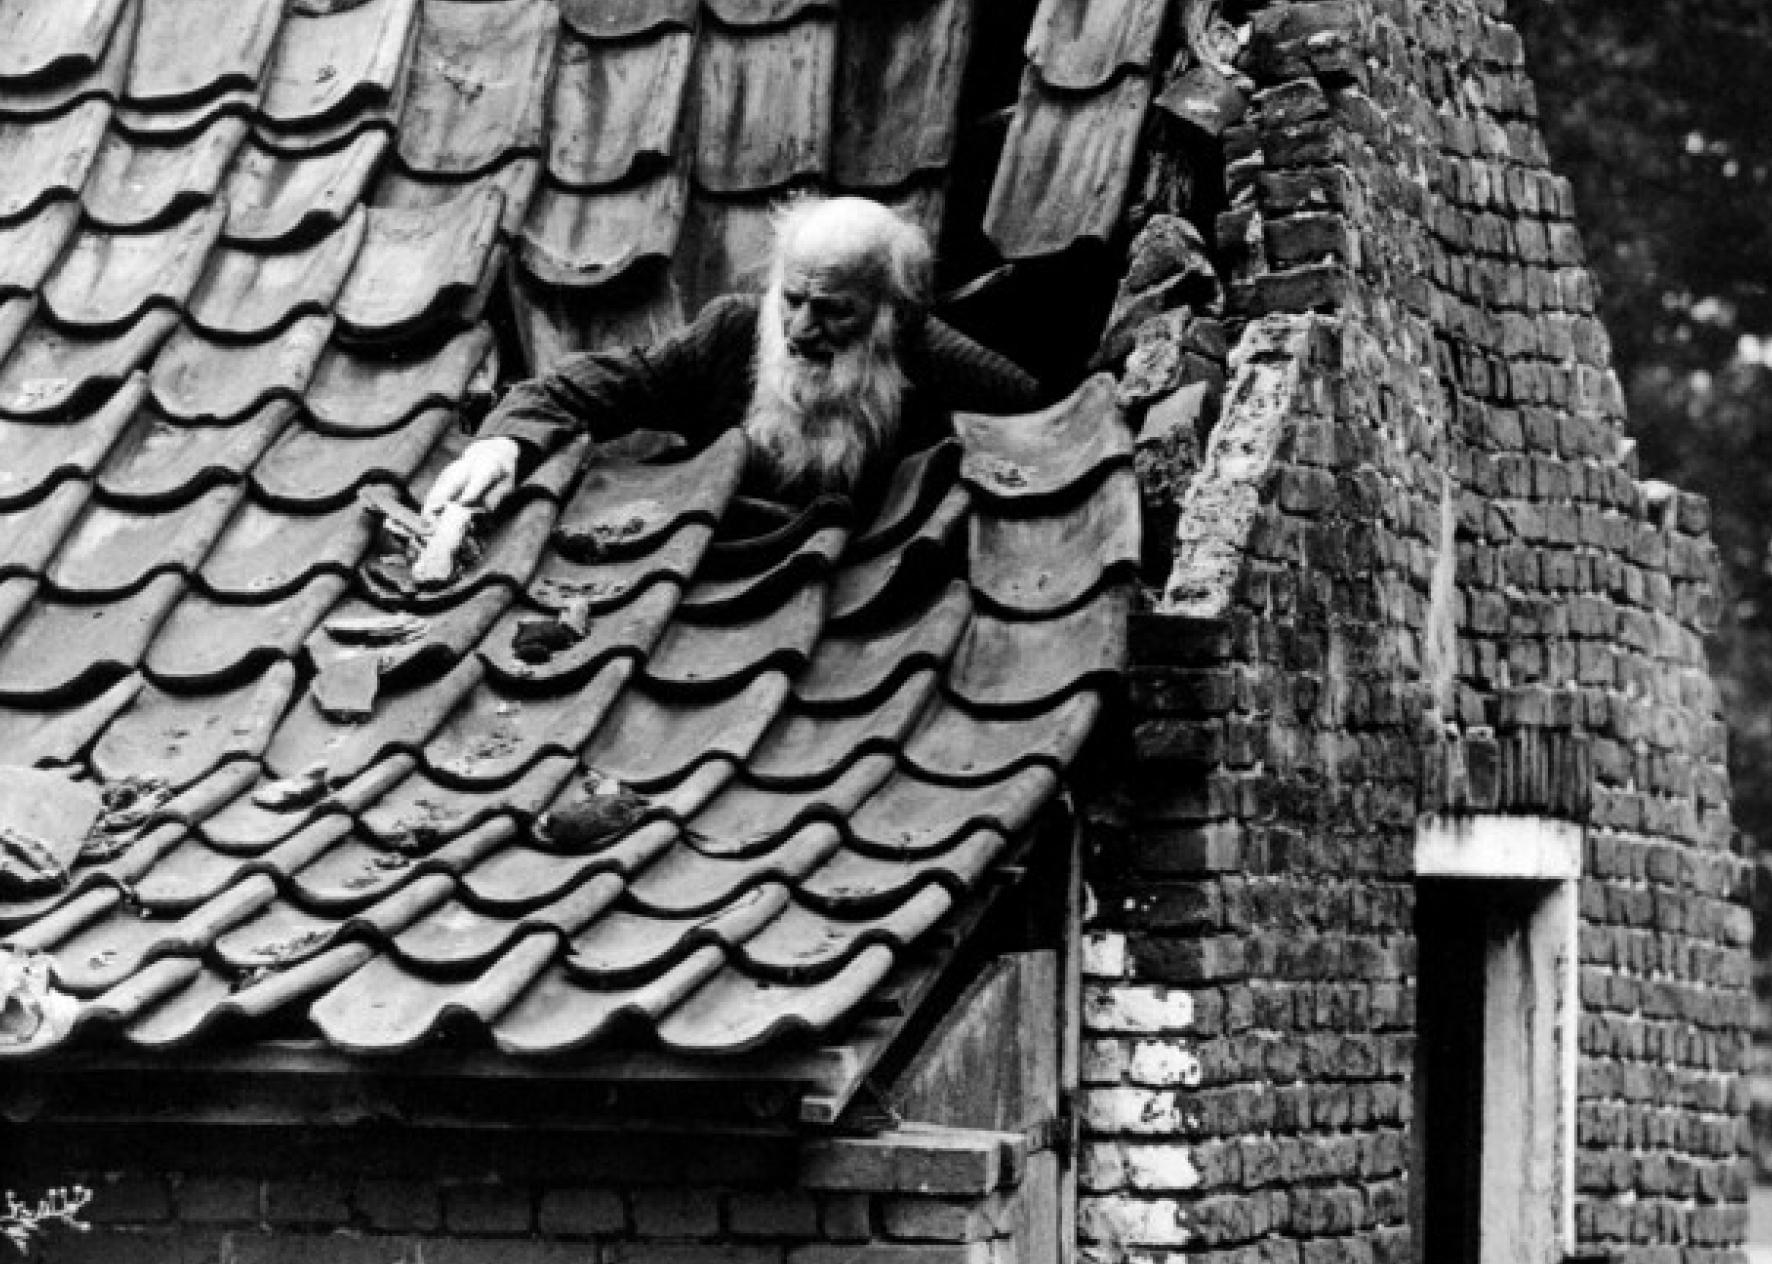 Oud_bakhuis